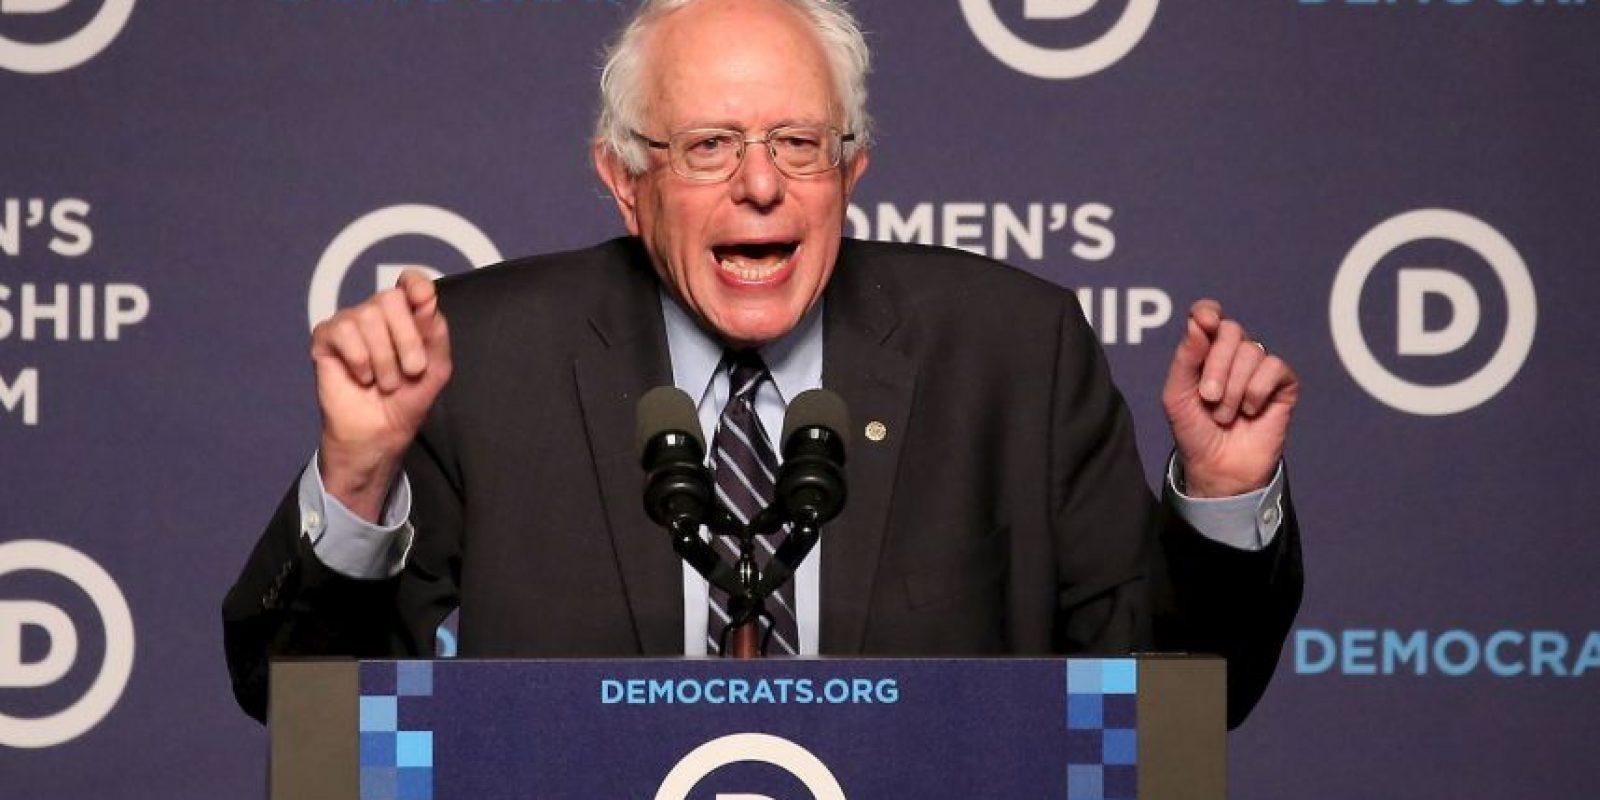 Al evento también asistieron los precandidatos a la presidencia como el senador Bernie Sanders . Foto:AFP